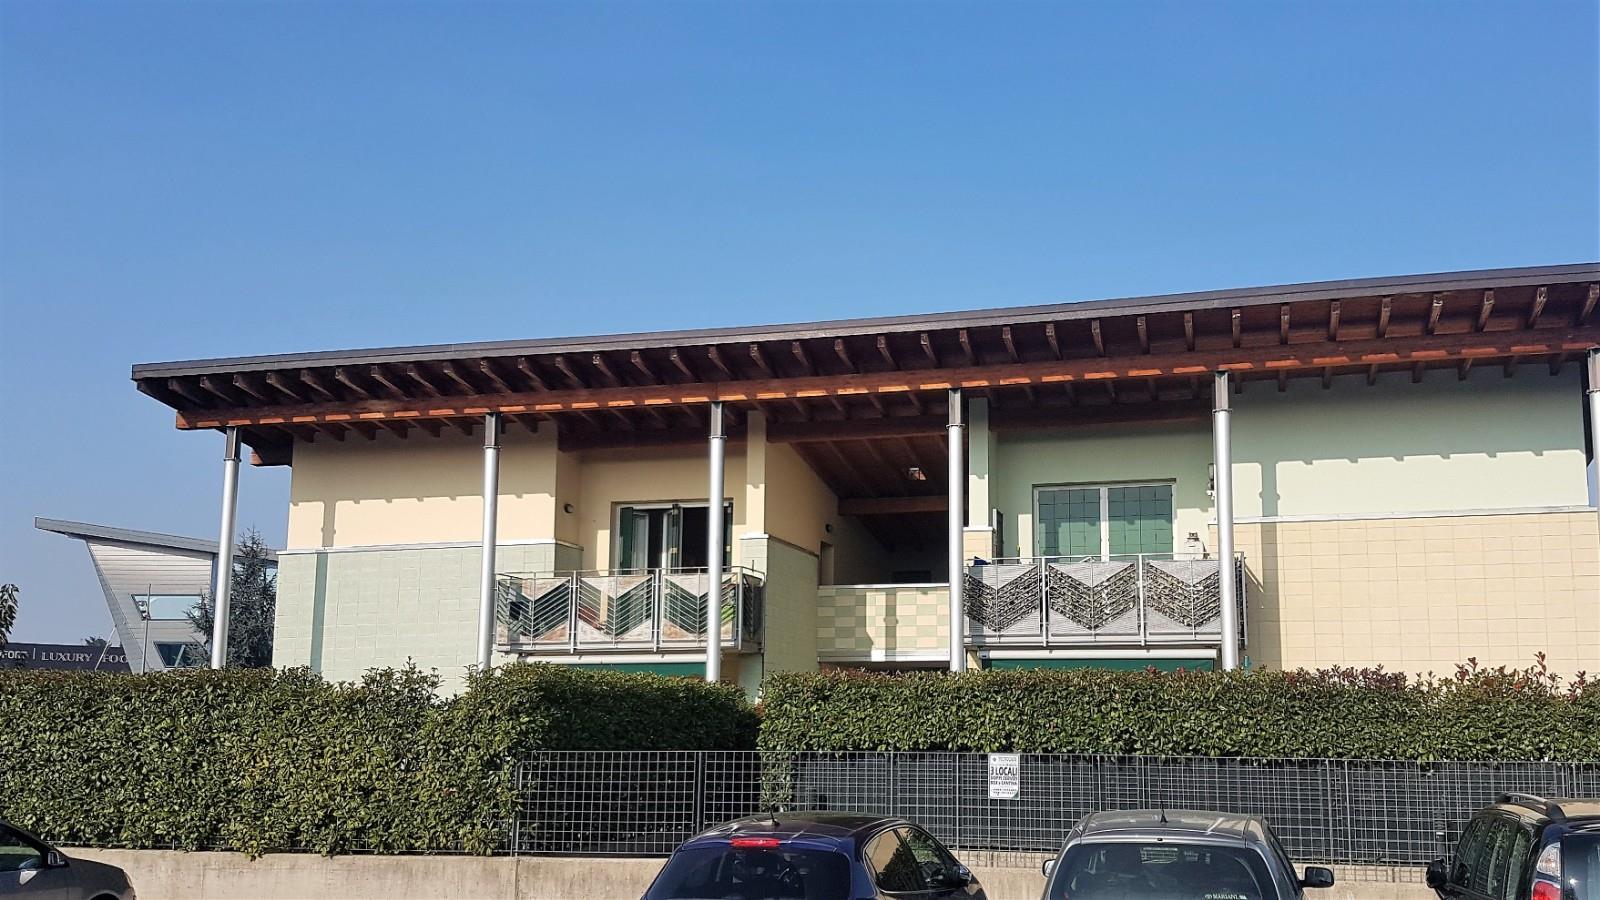 Foto 1 - Appartamento in Vendita - Verano Brianza (Monza e Brianza)